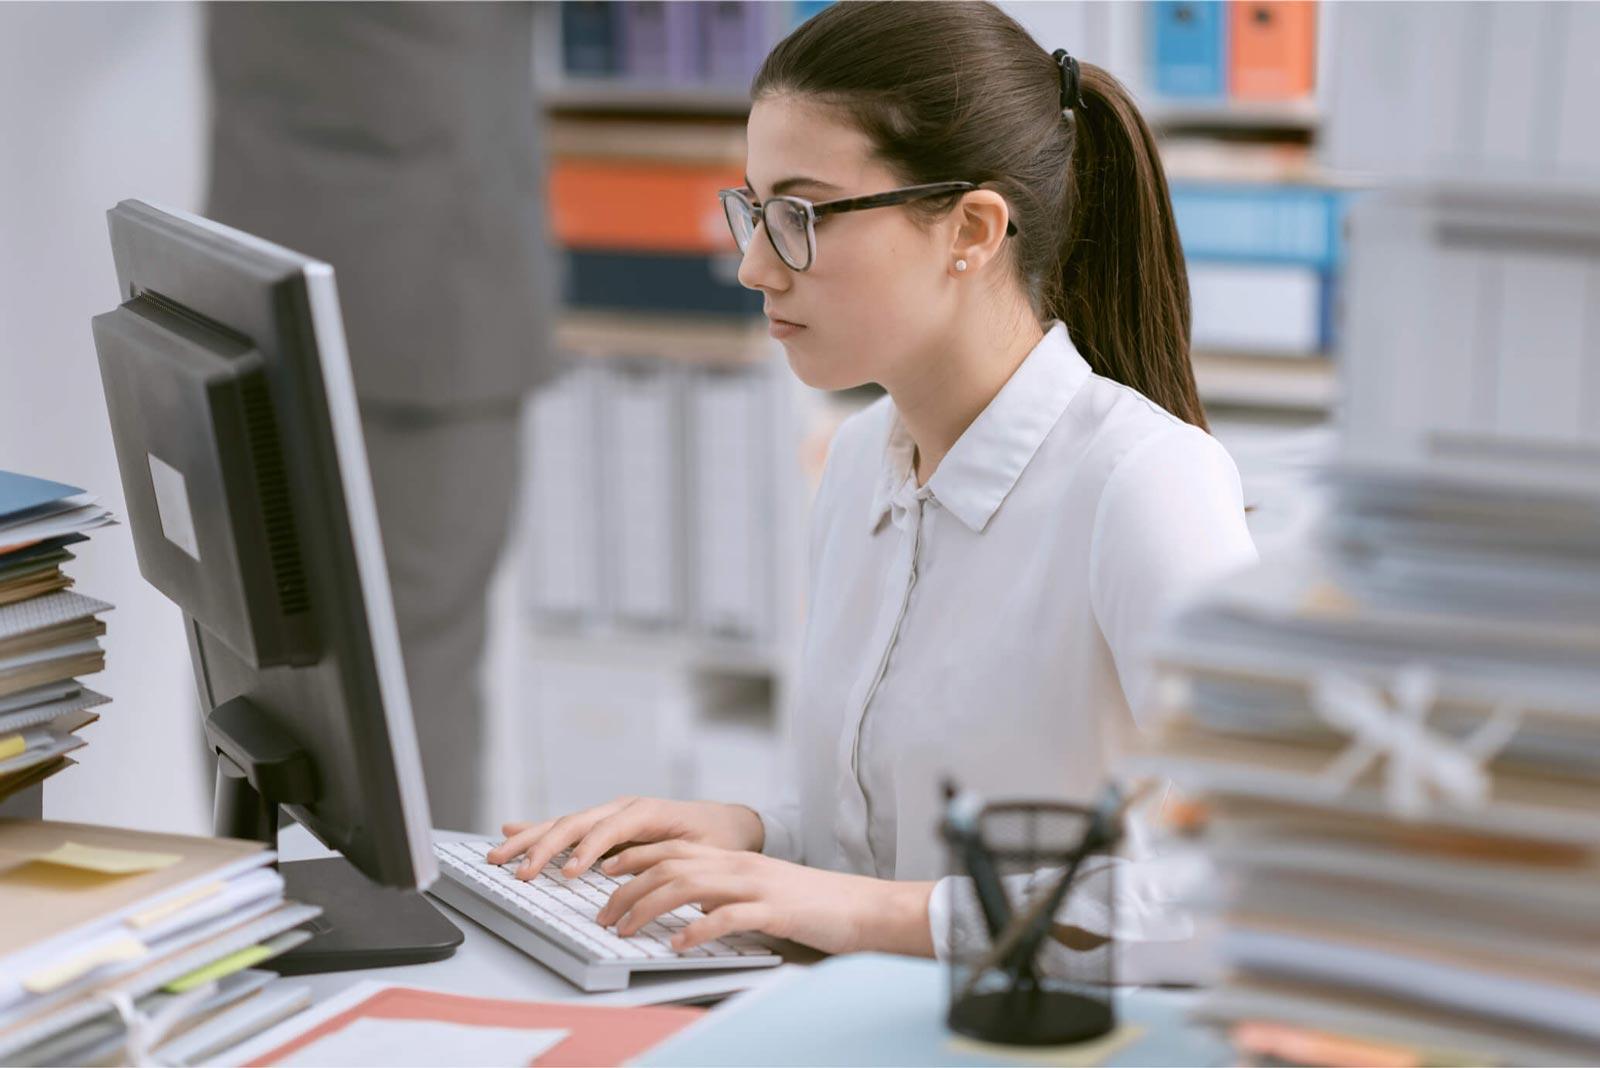 Key Skills of A Data Entry Clerk